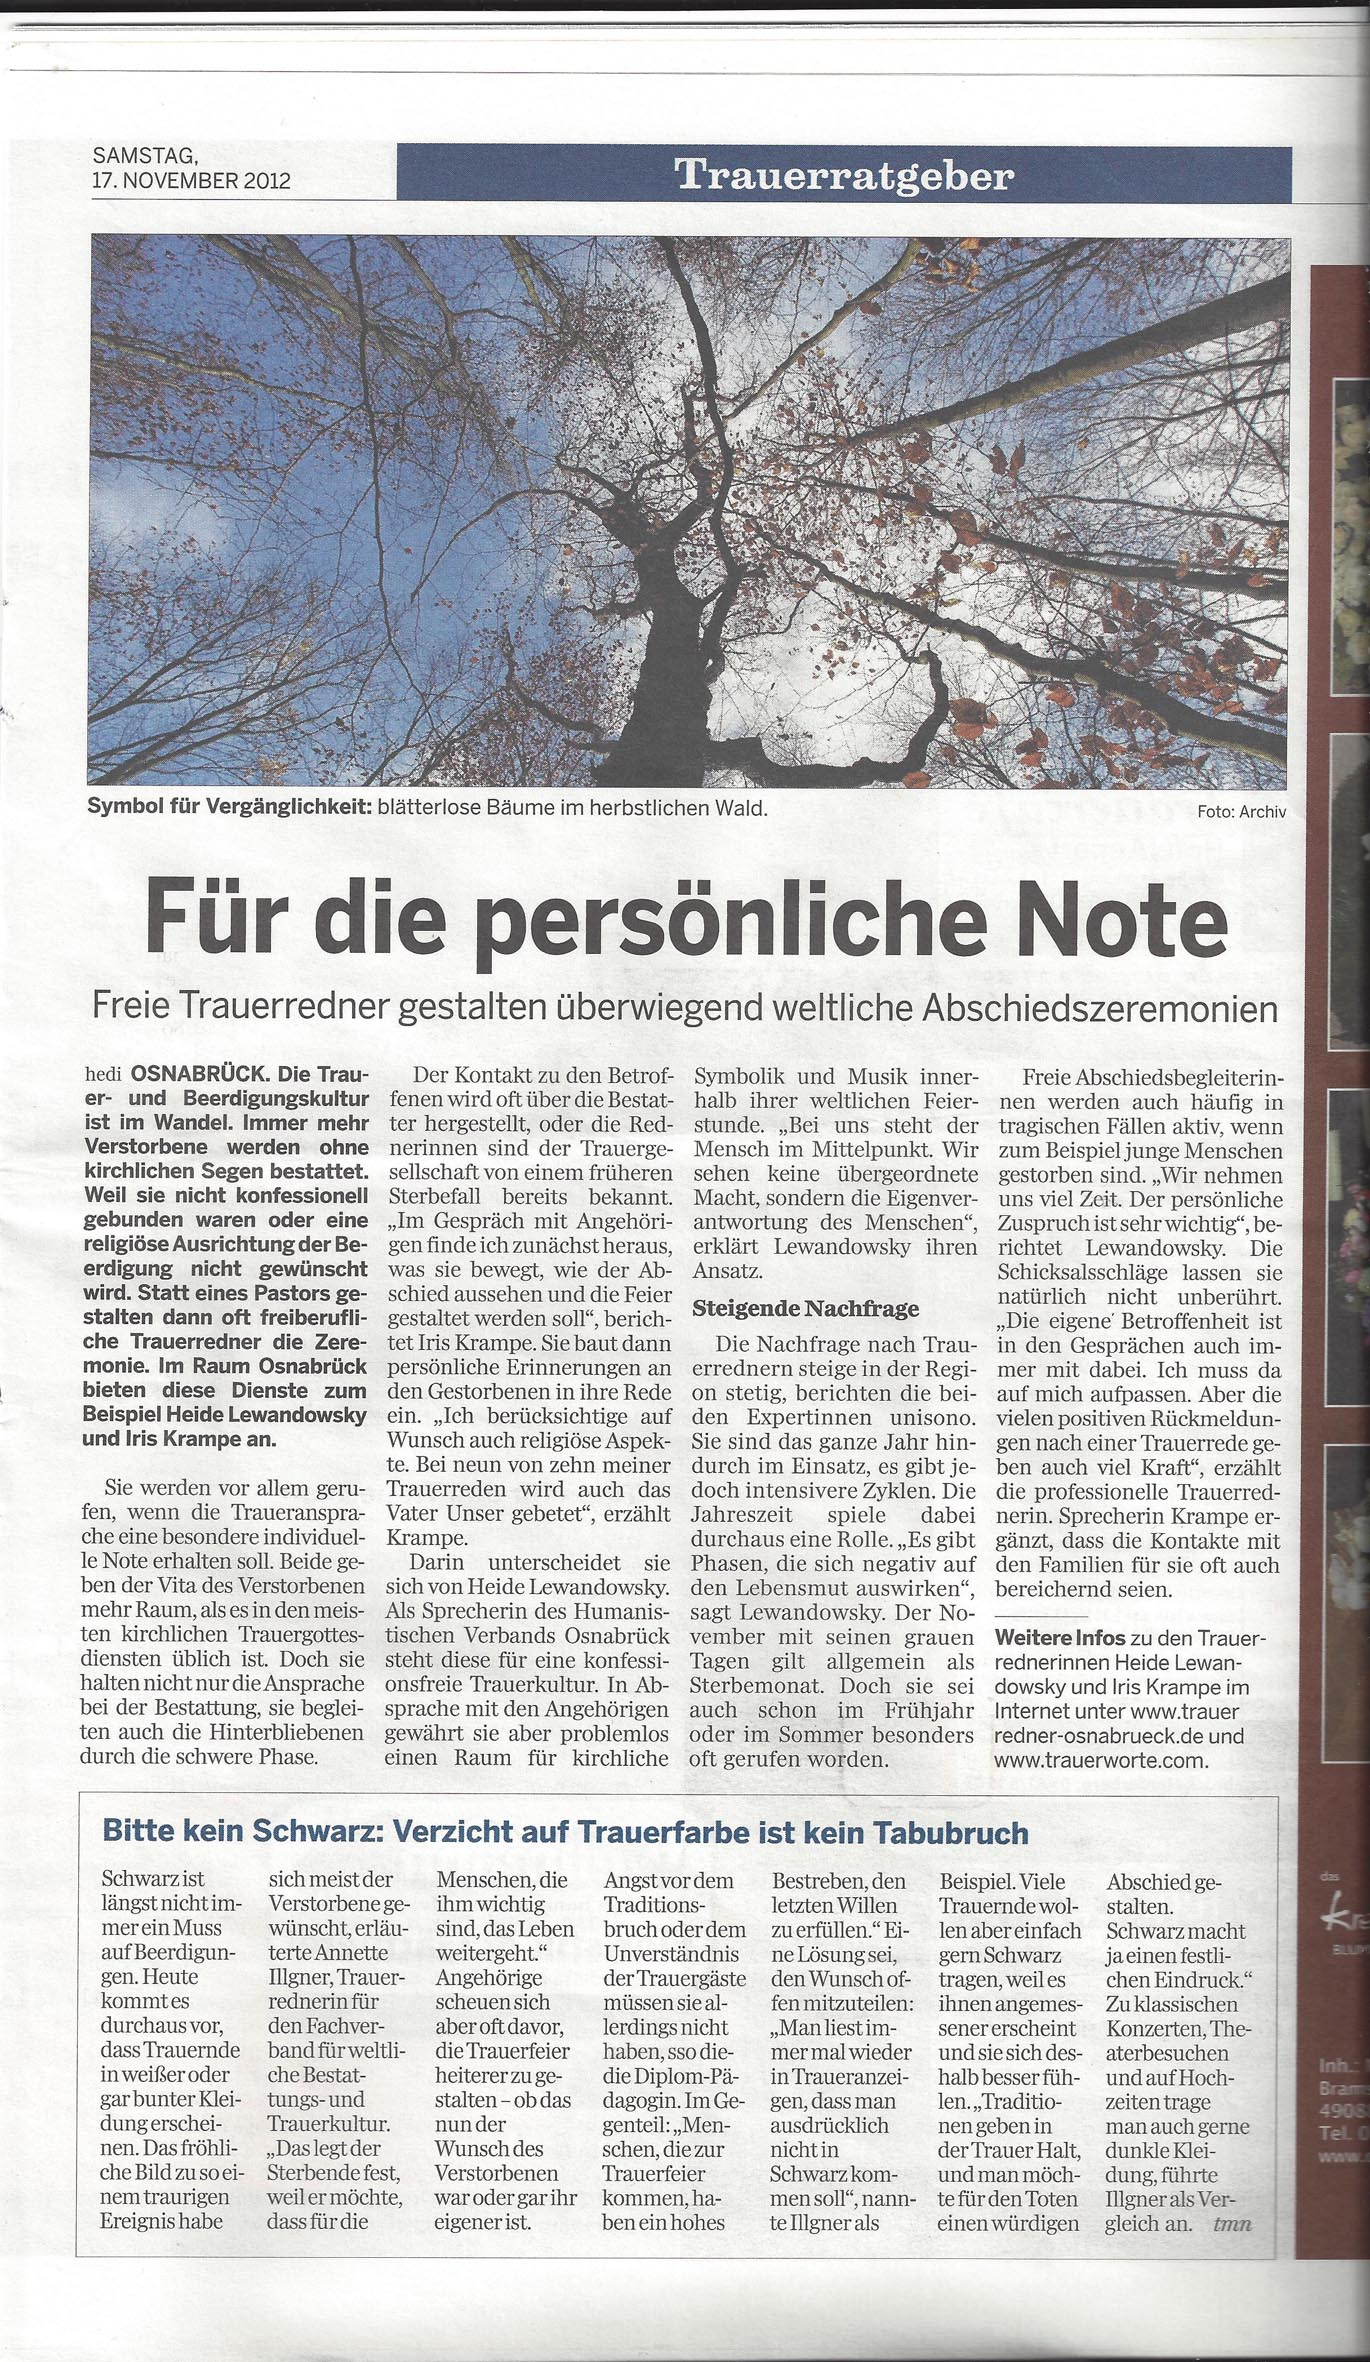 Trauerrednerin Iris Krampe aus Osnabrück